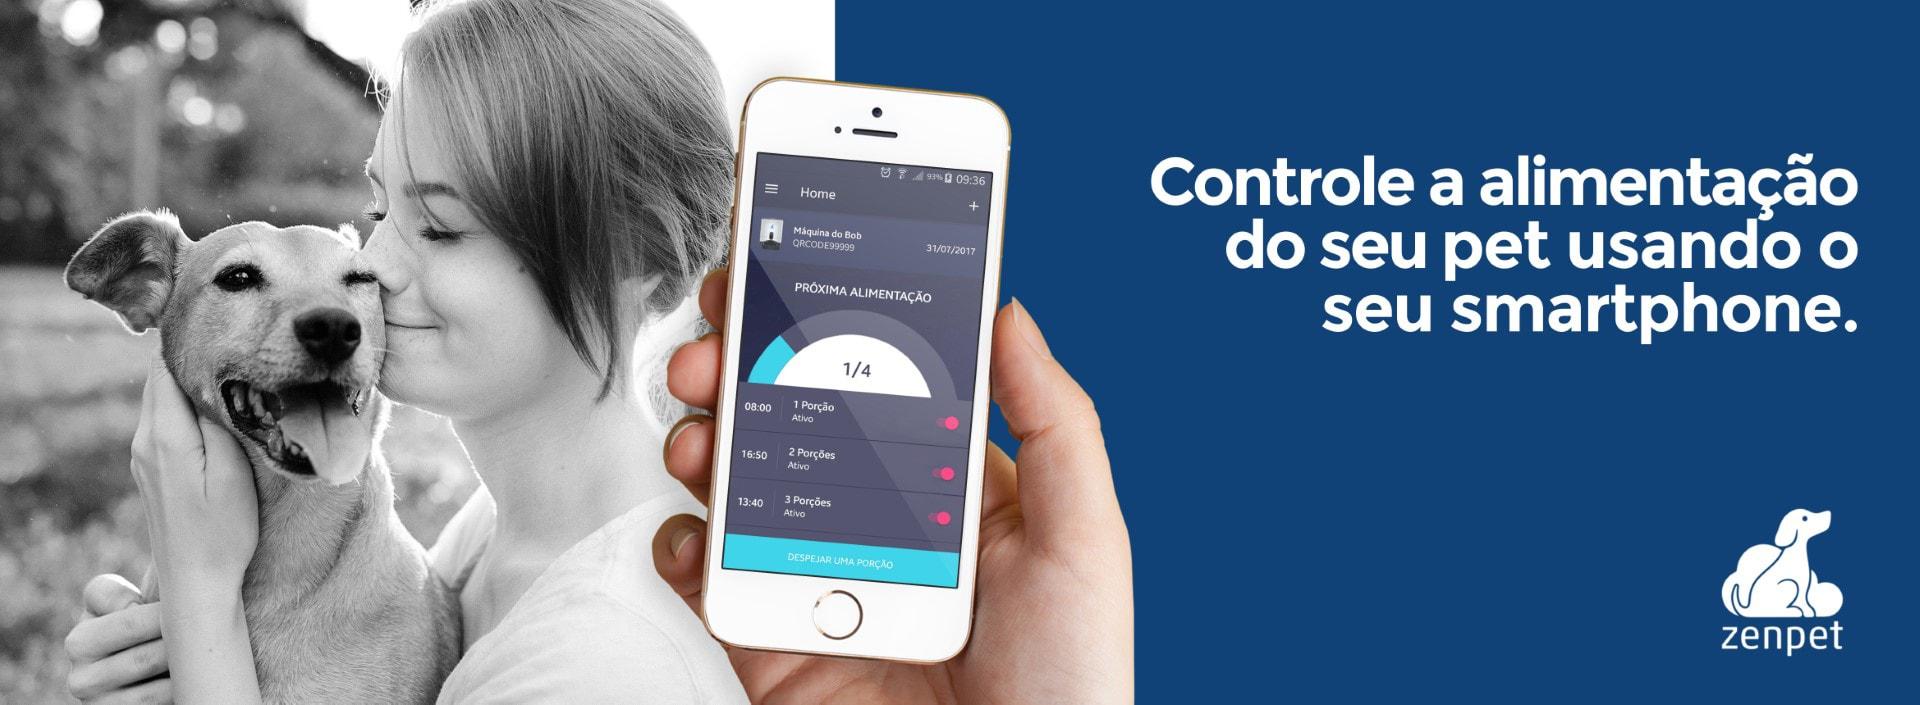 Controle a alimentação do seu pet usando o seu smartphone